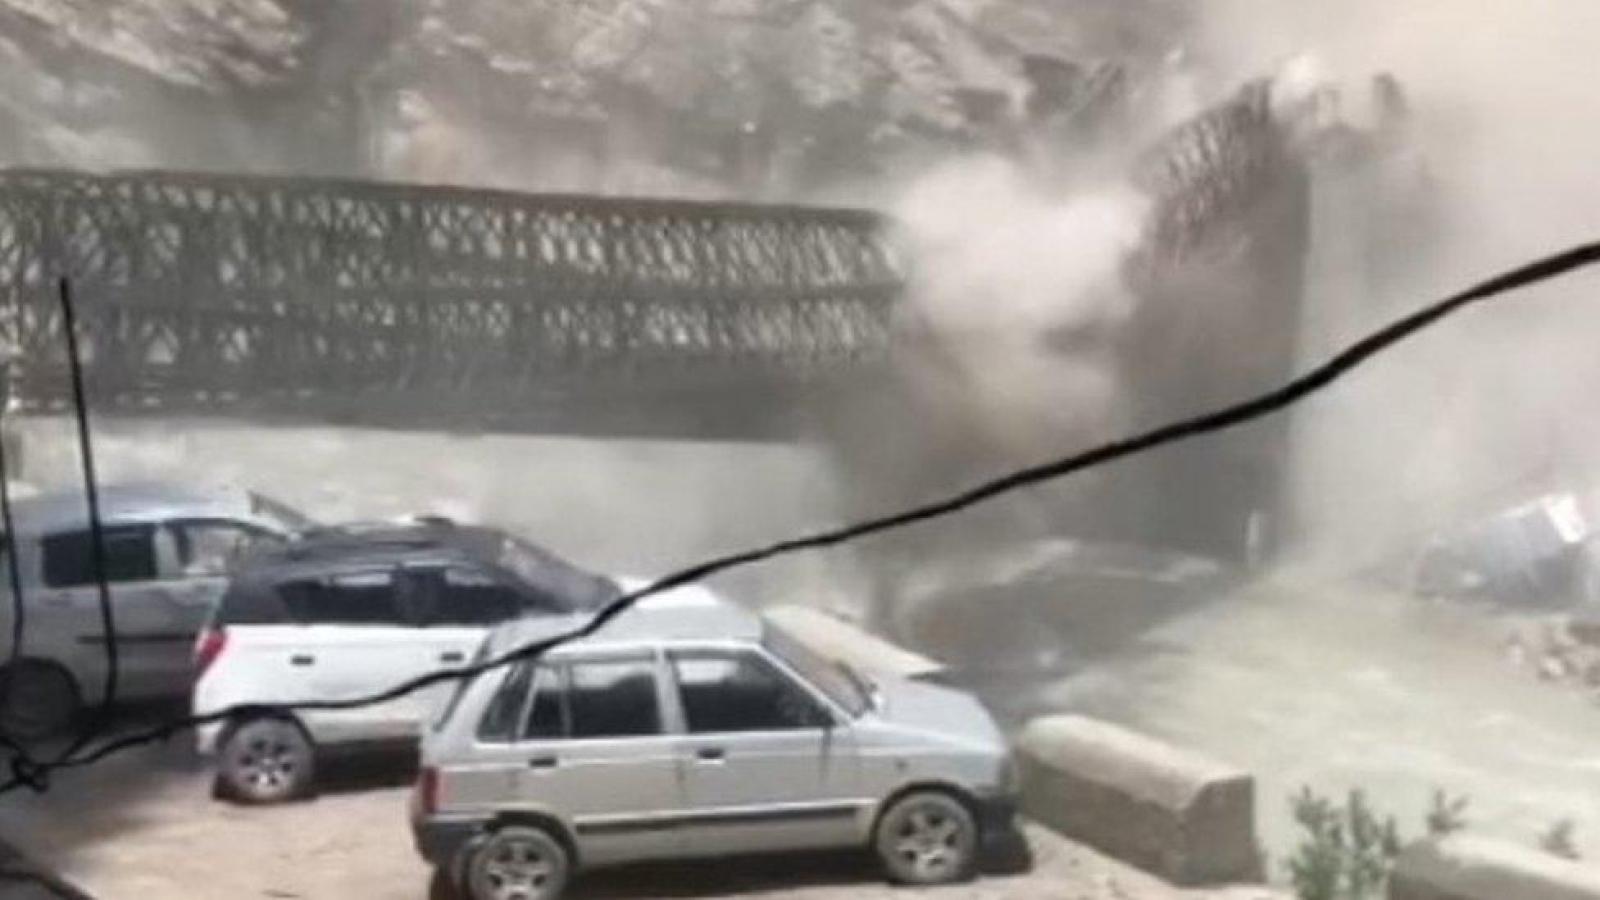 Kinh hoàng giây phút sạt lở đất đánh sập cây cầu ở Ấn Độ